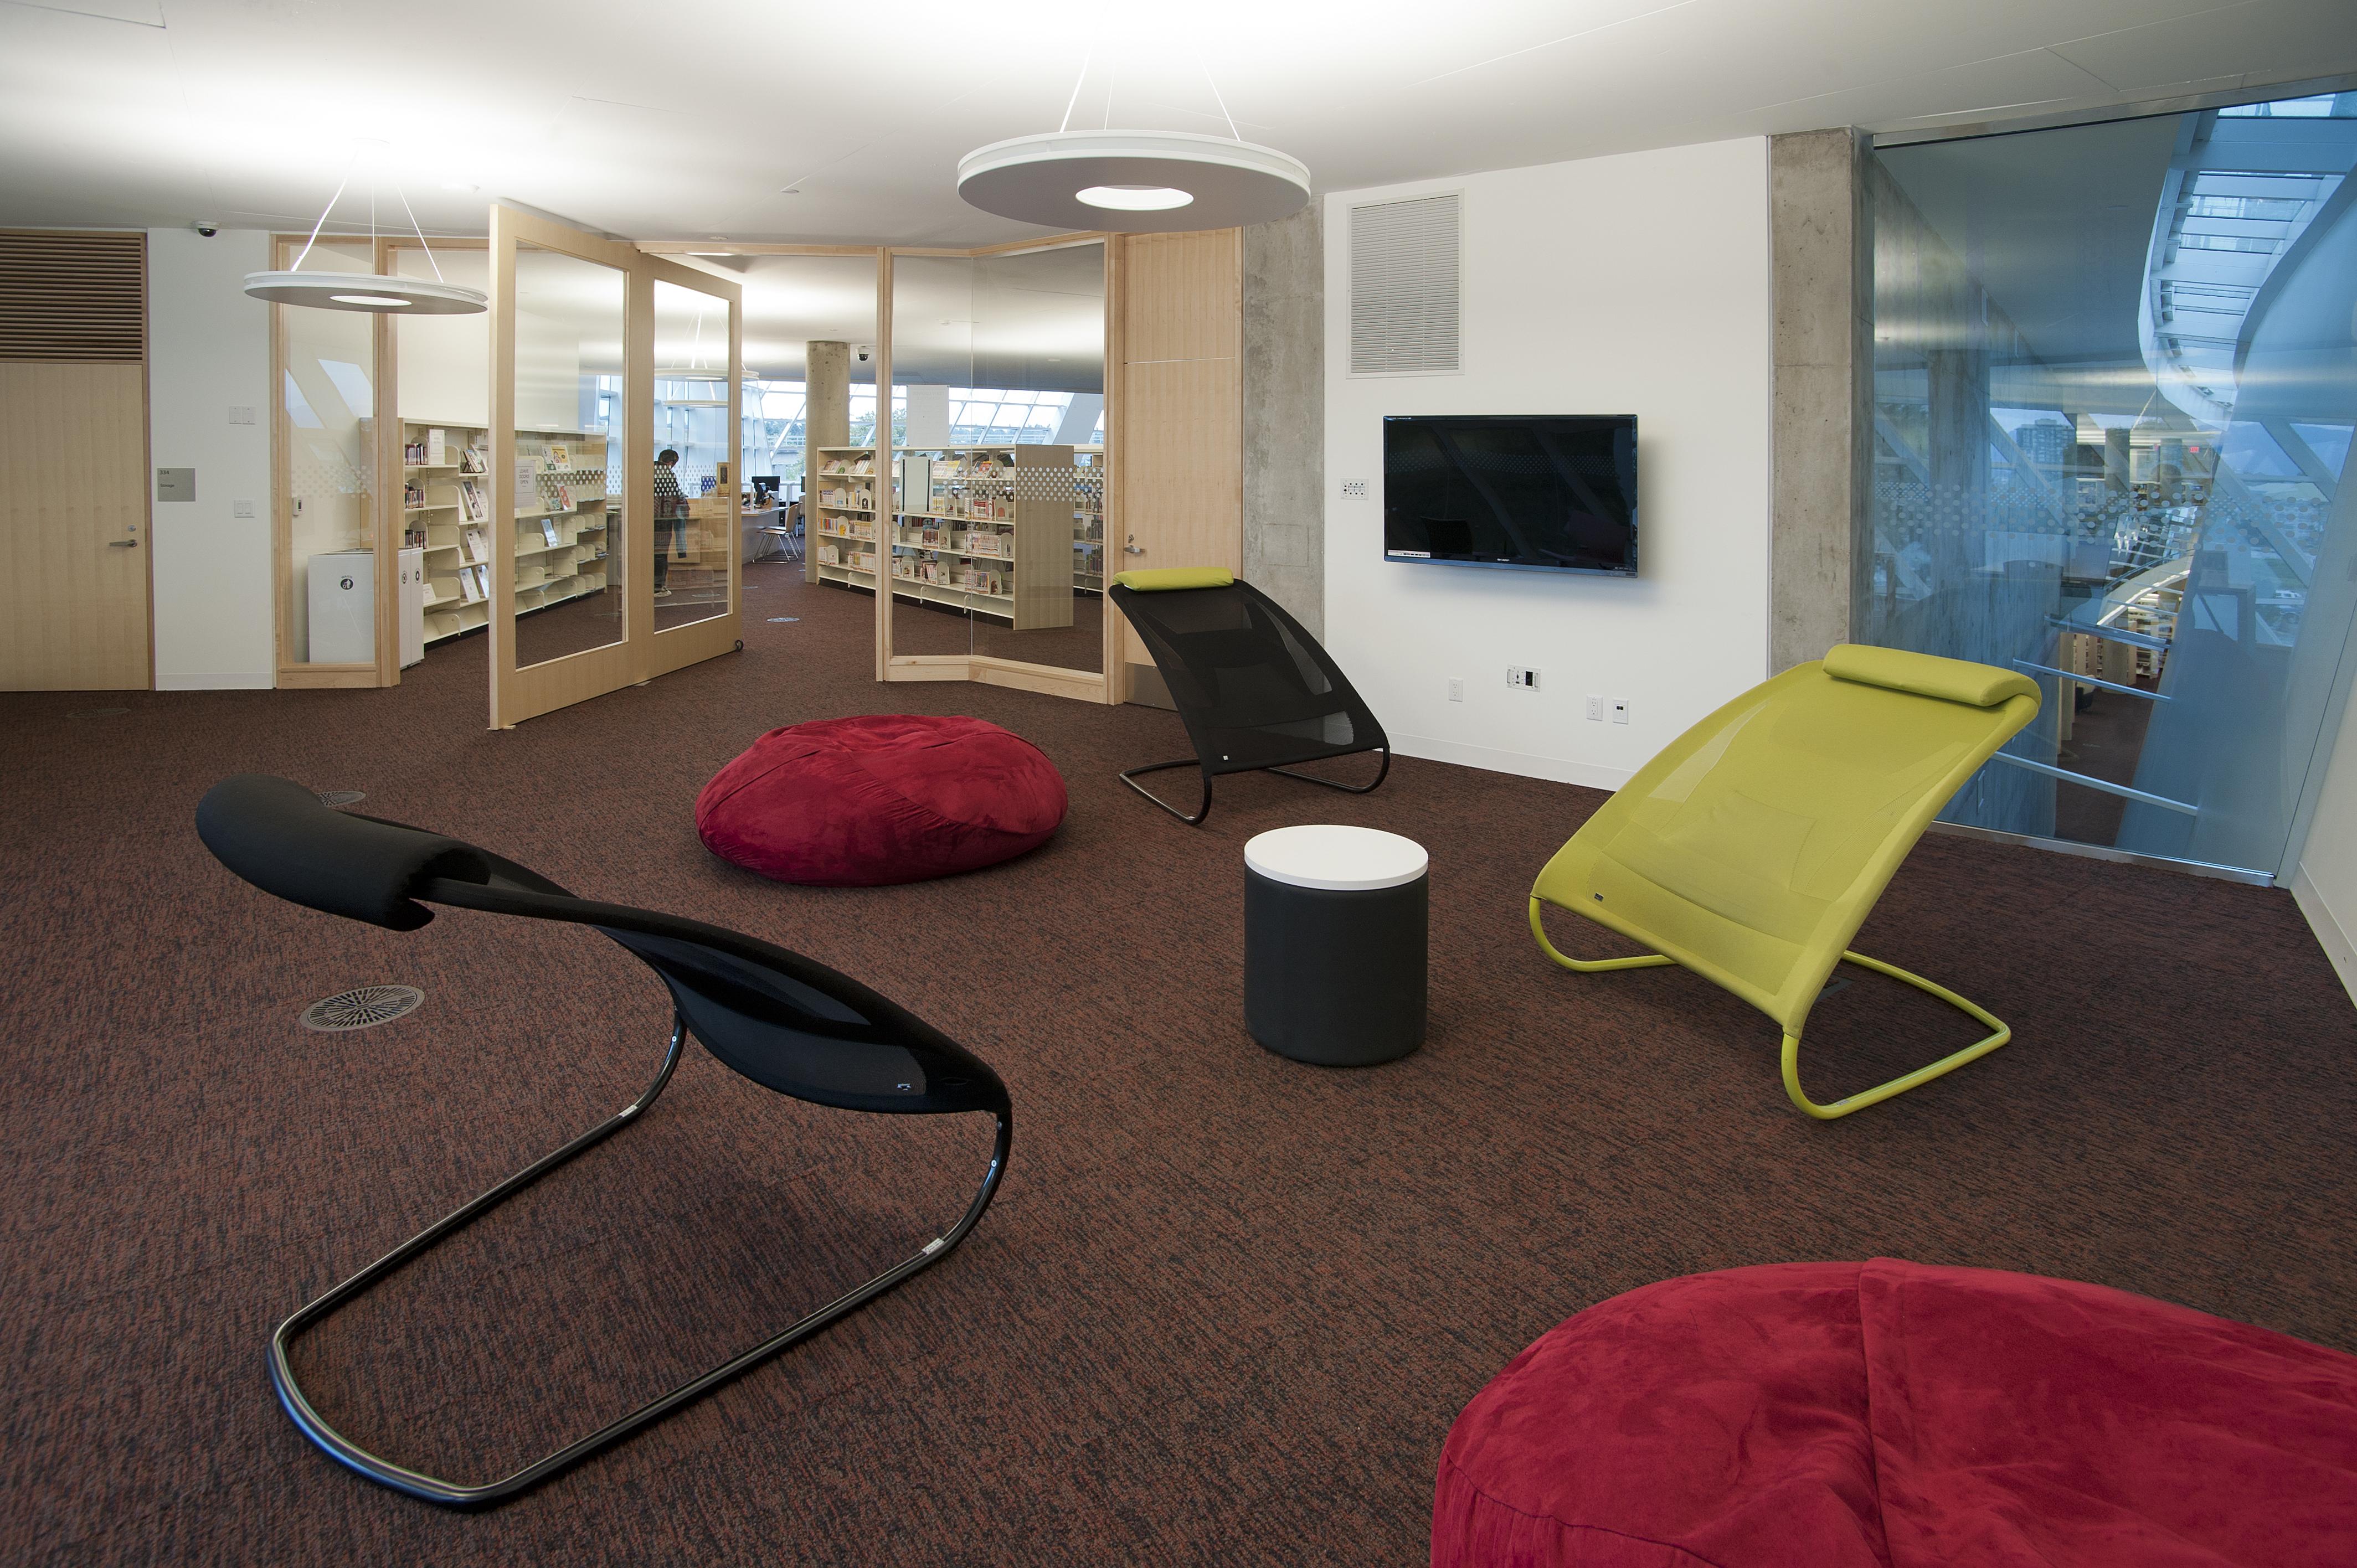 Surrey public library